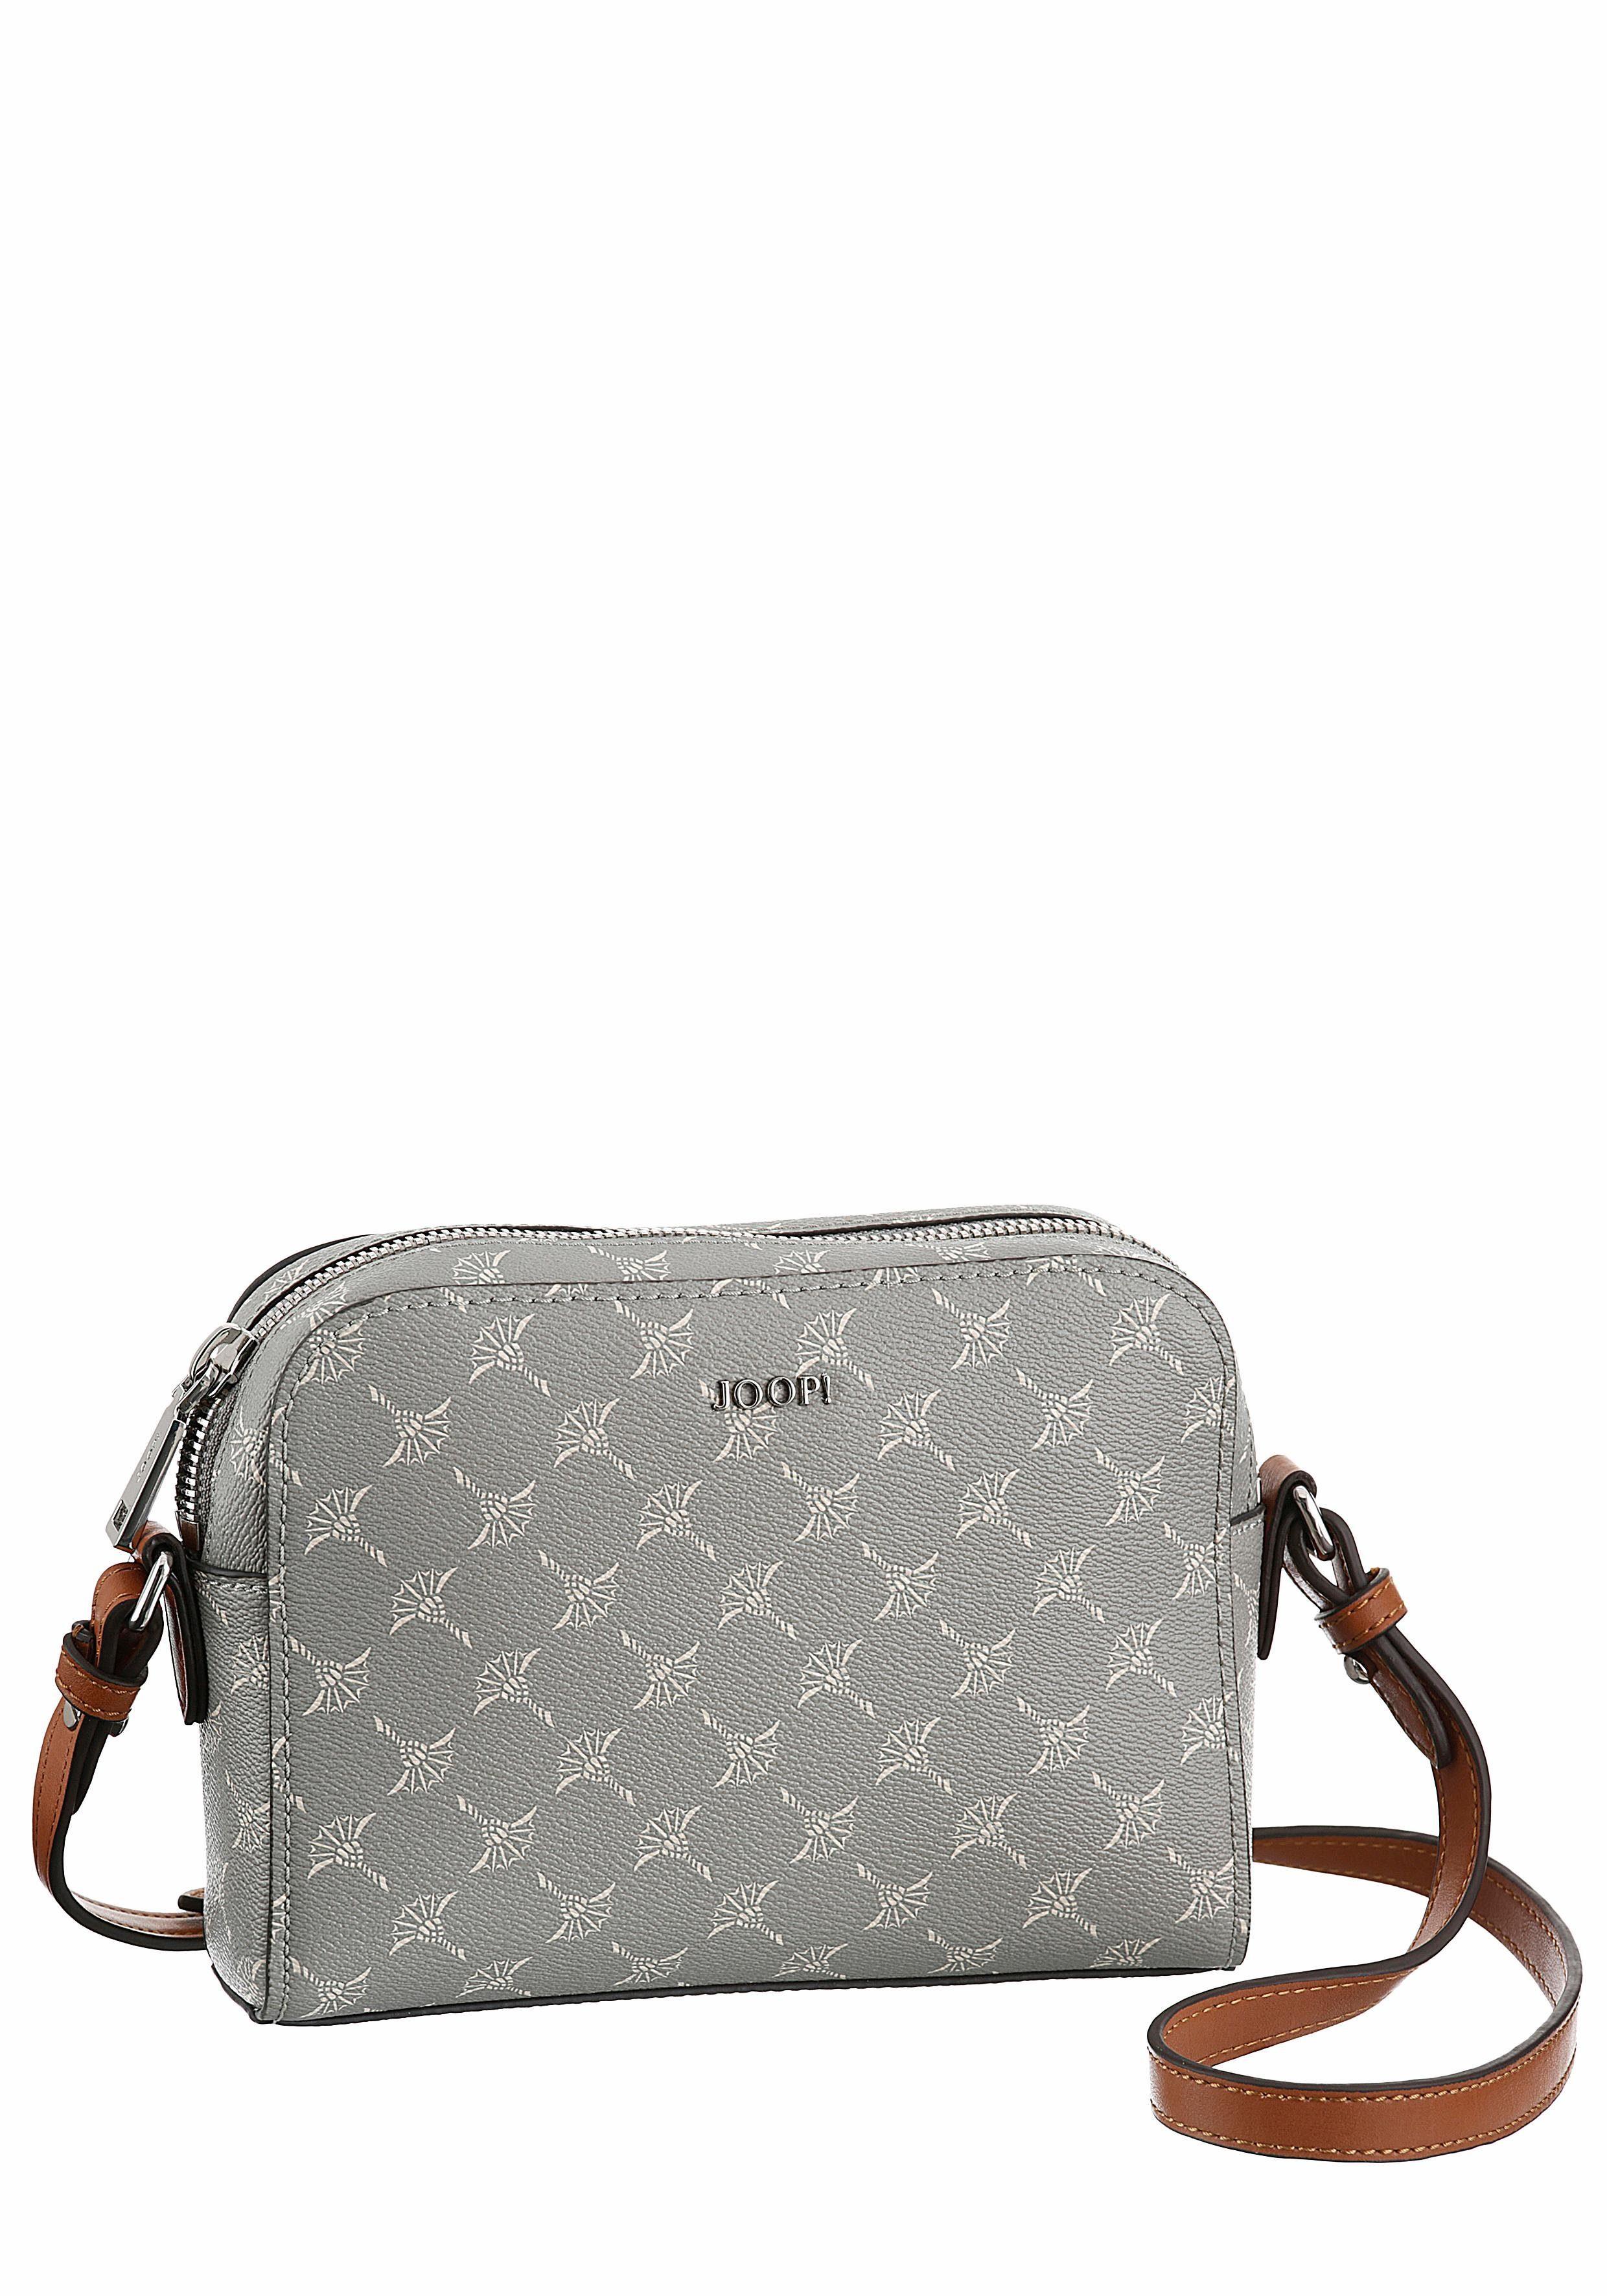 Damen Handtasche in Leder-Optik - Cloe beige Joop juSRj5Z